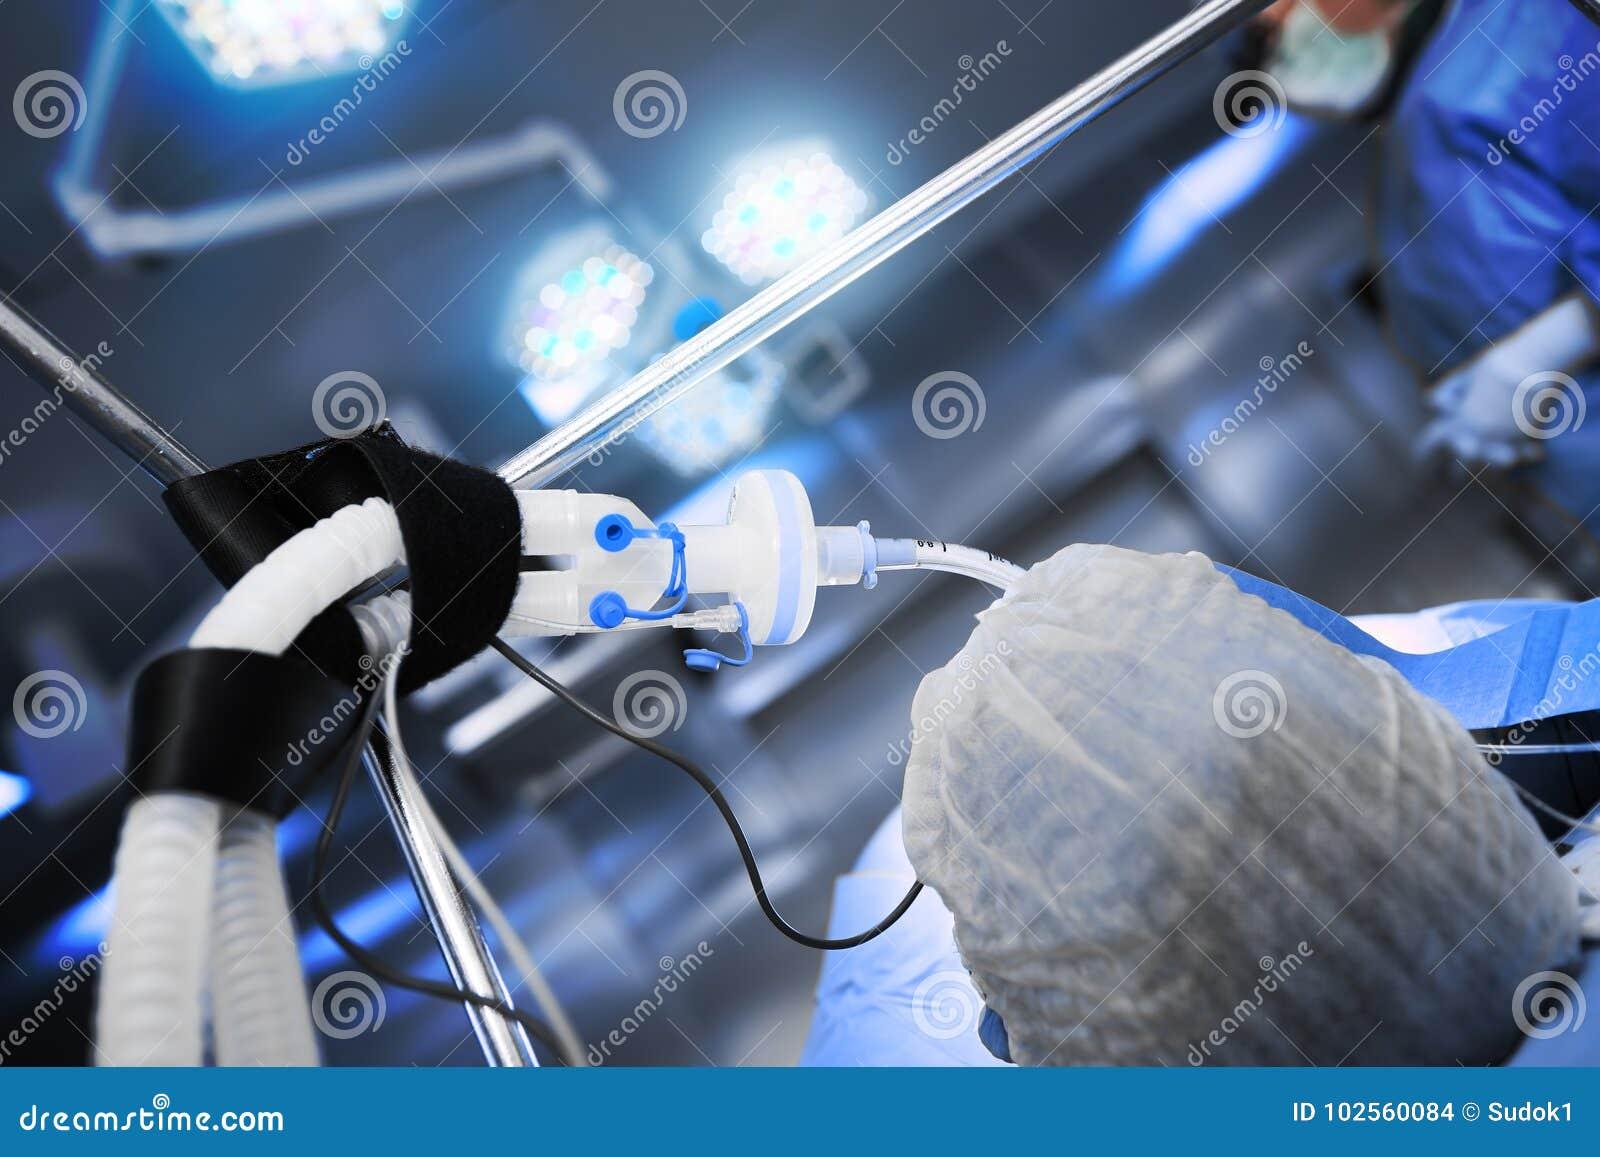 Пациент на операционном столе готовом для хирургической обработки